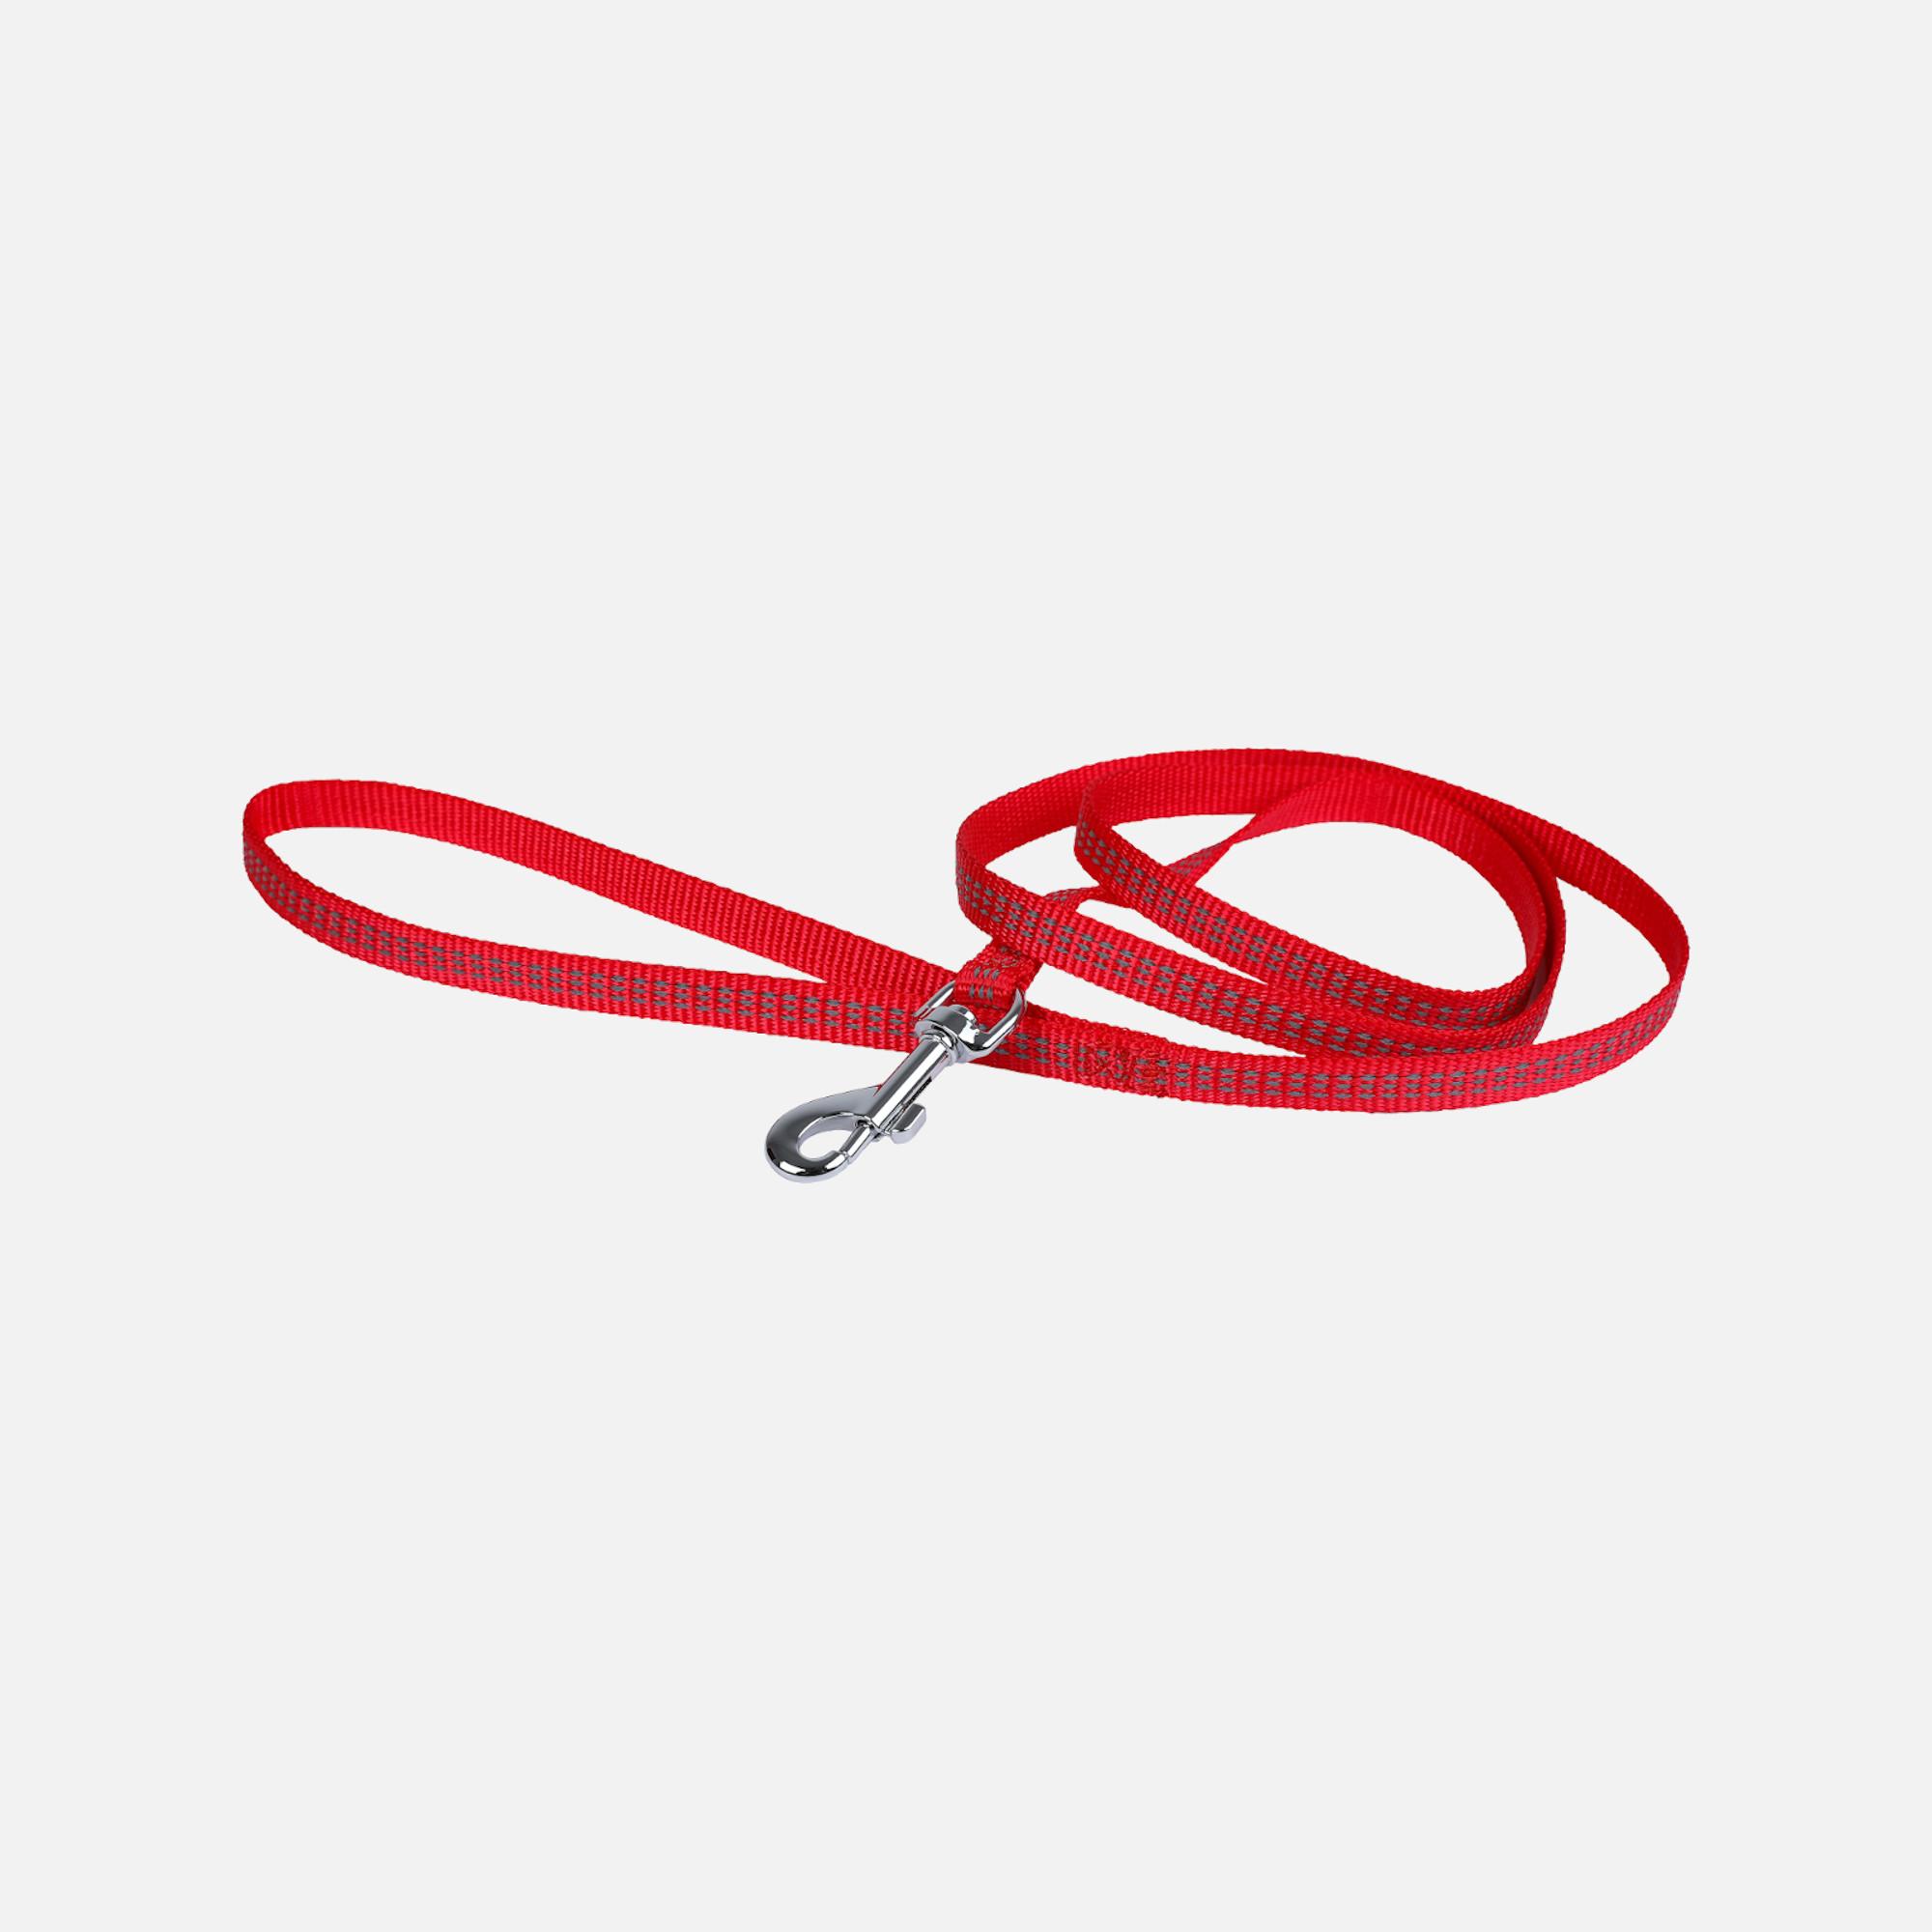 Laisse protect rouge 10mmx1,2m de wouapy